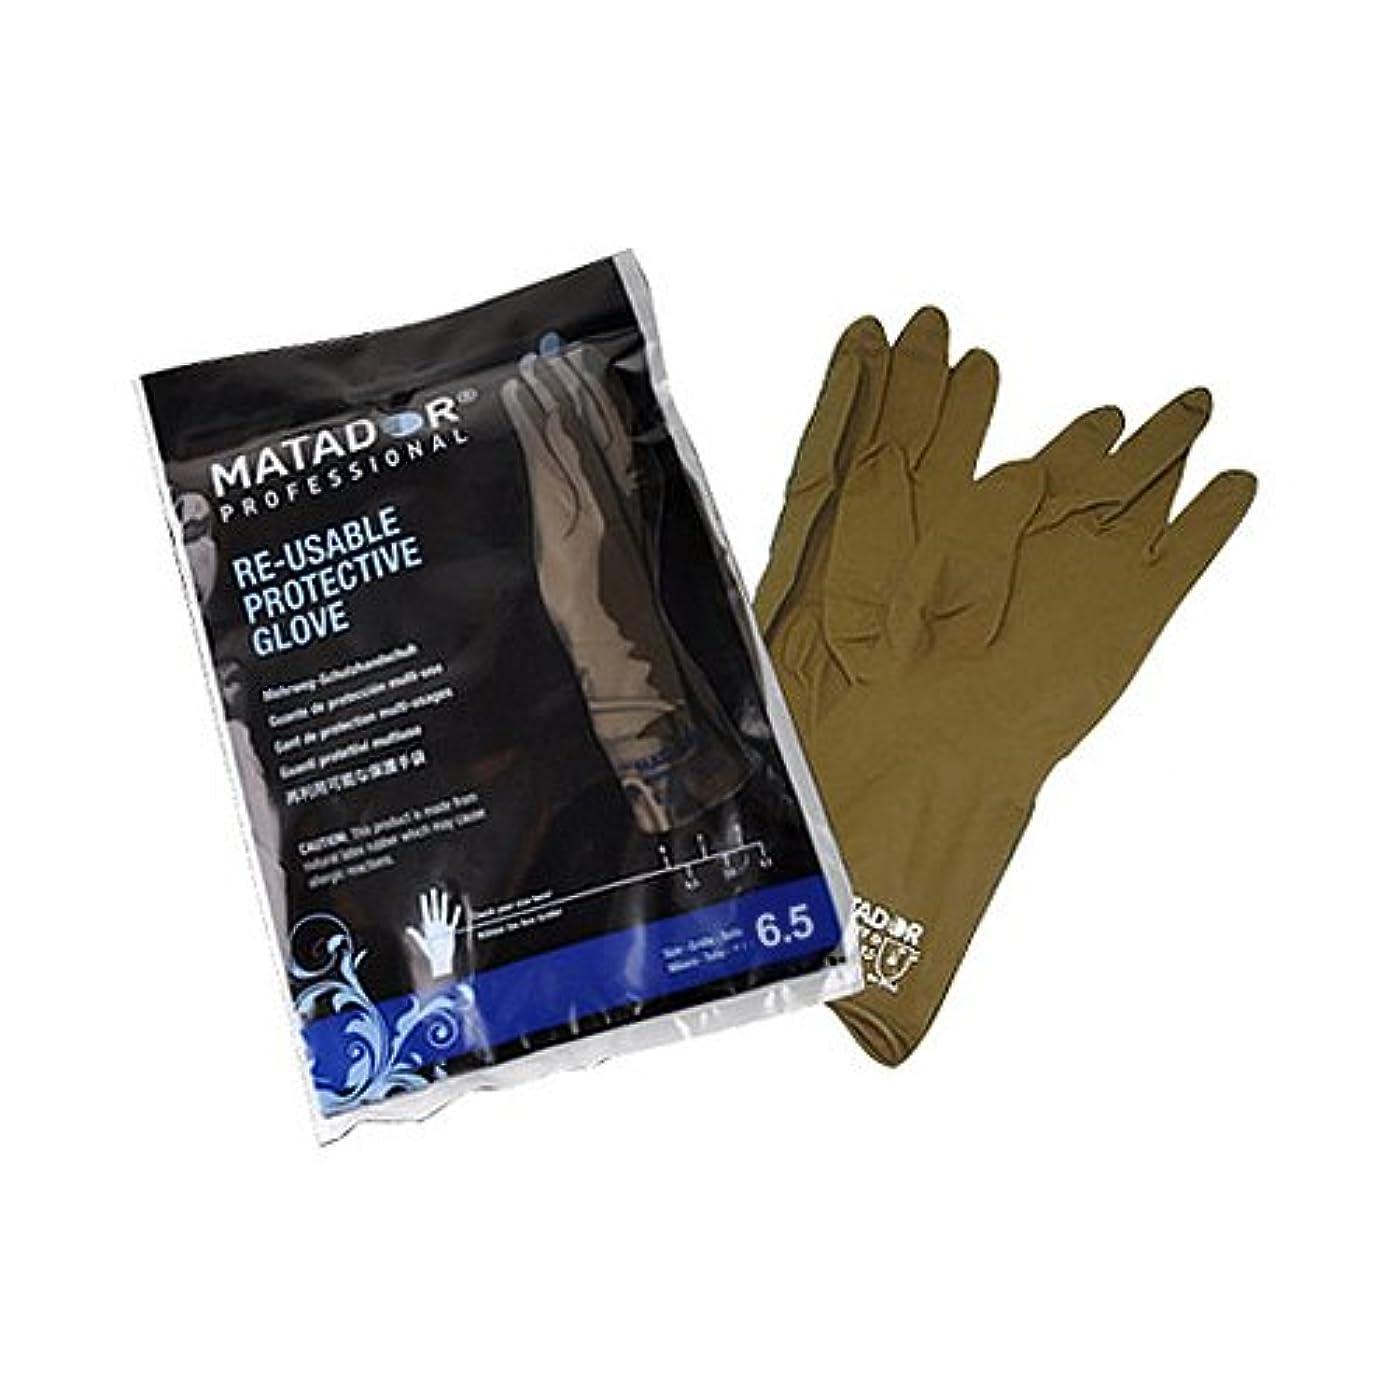 典型的な通行料金ホールドオールマタドールゴム手袋 6.5吋 【5個セット】